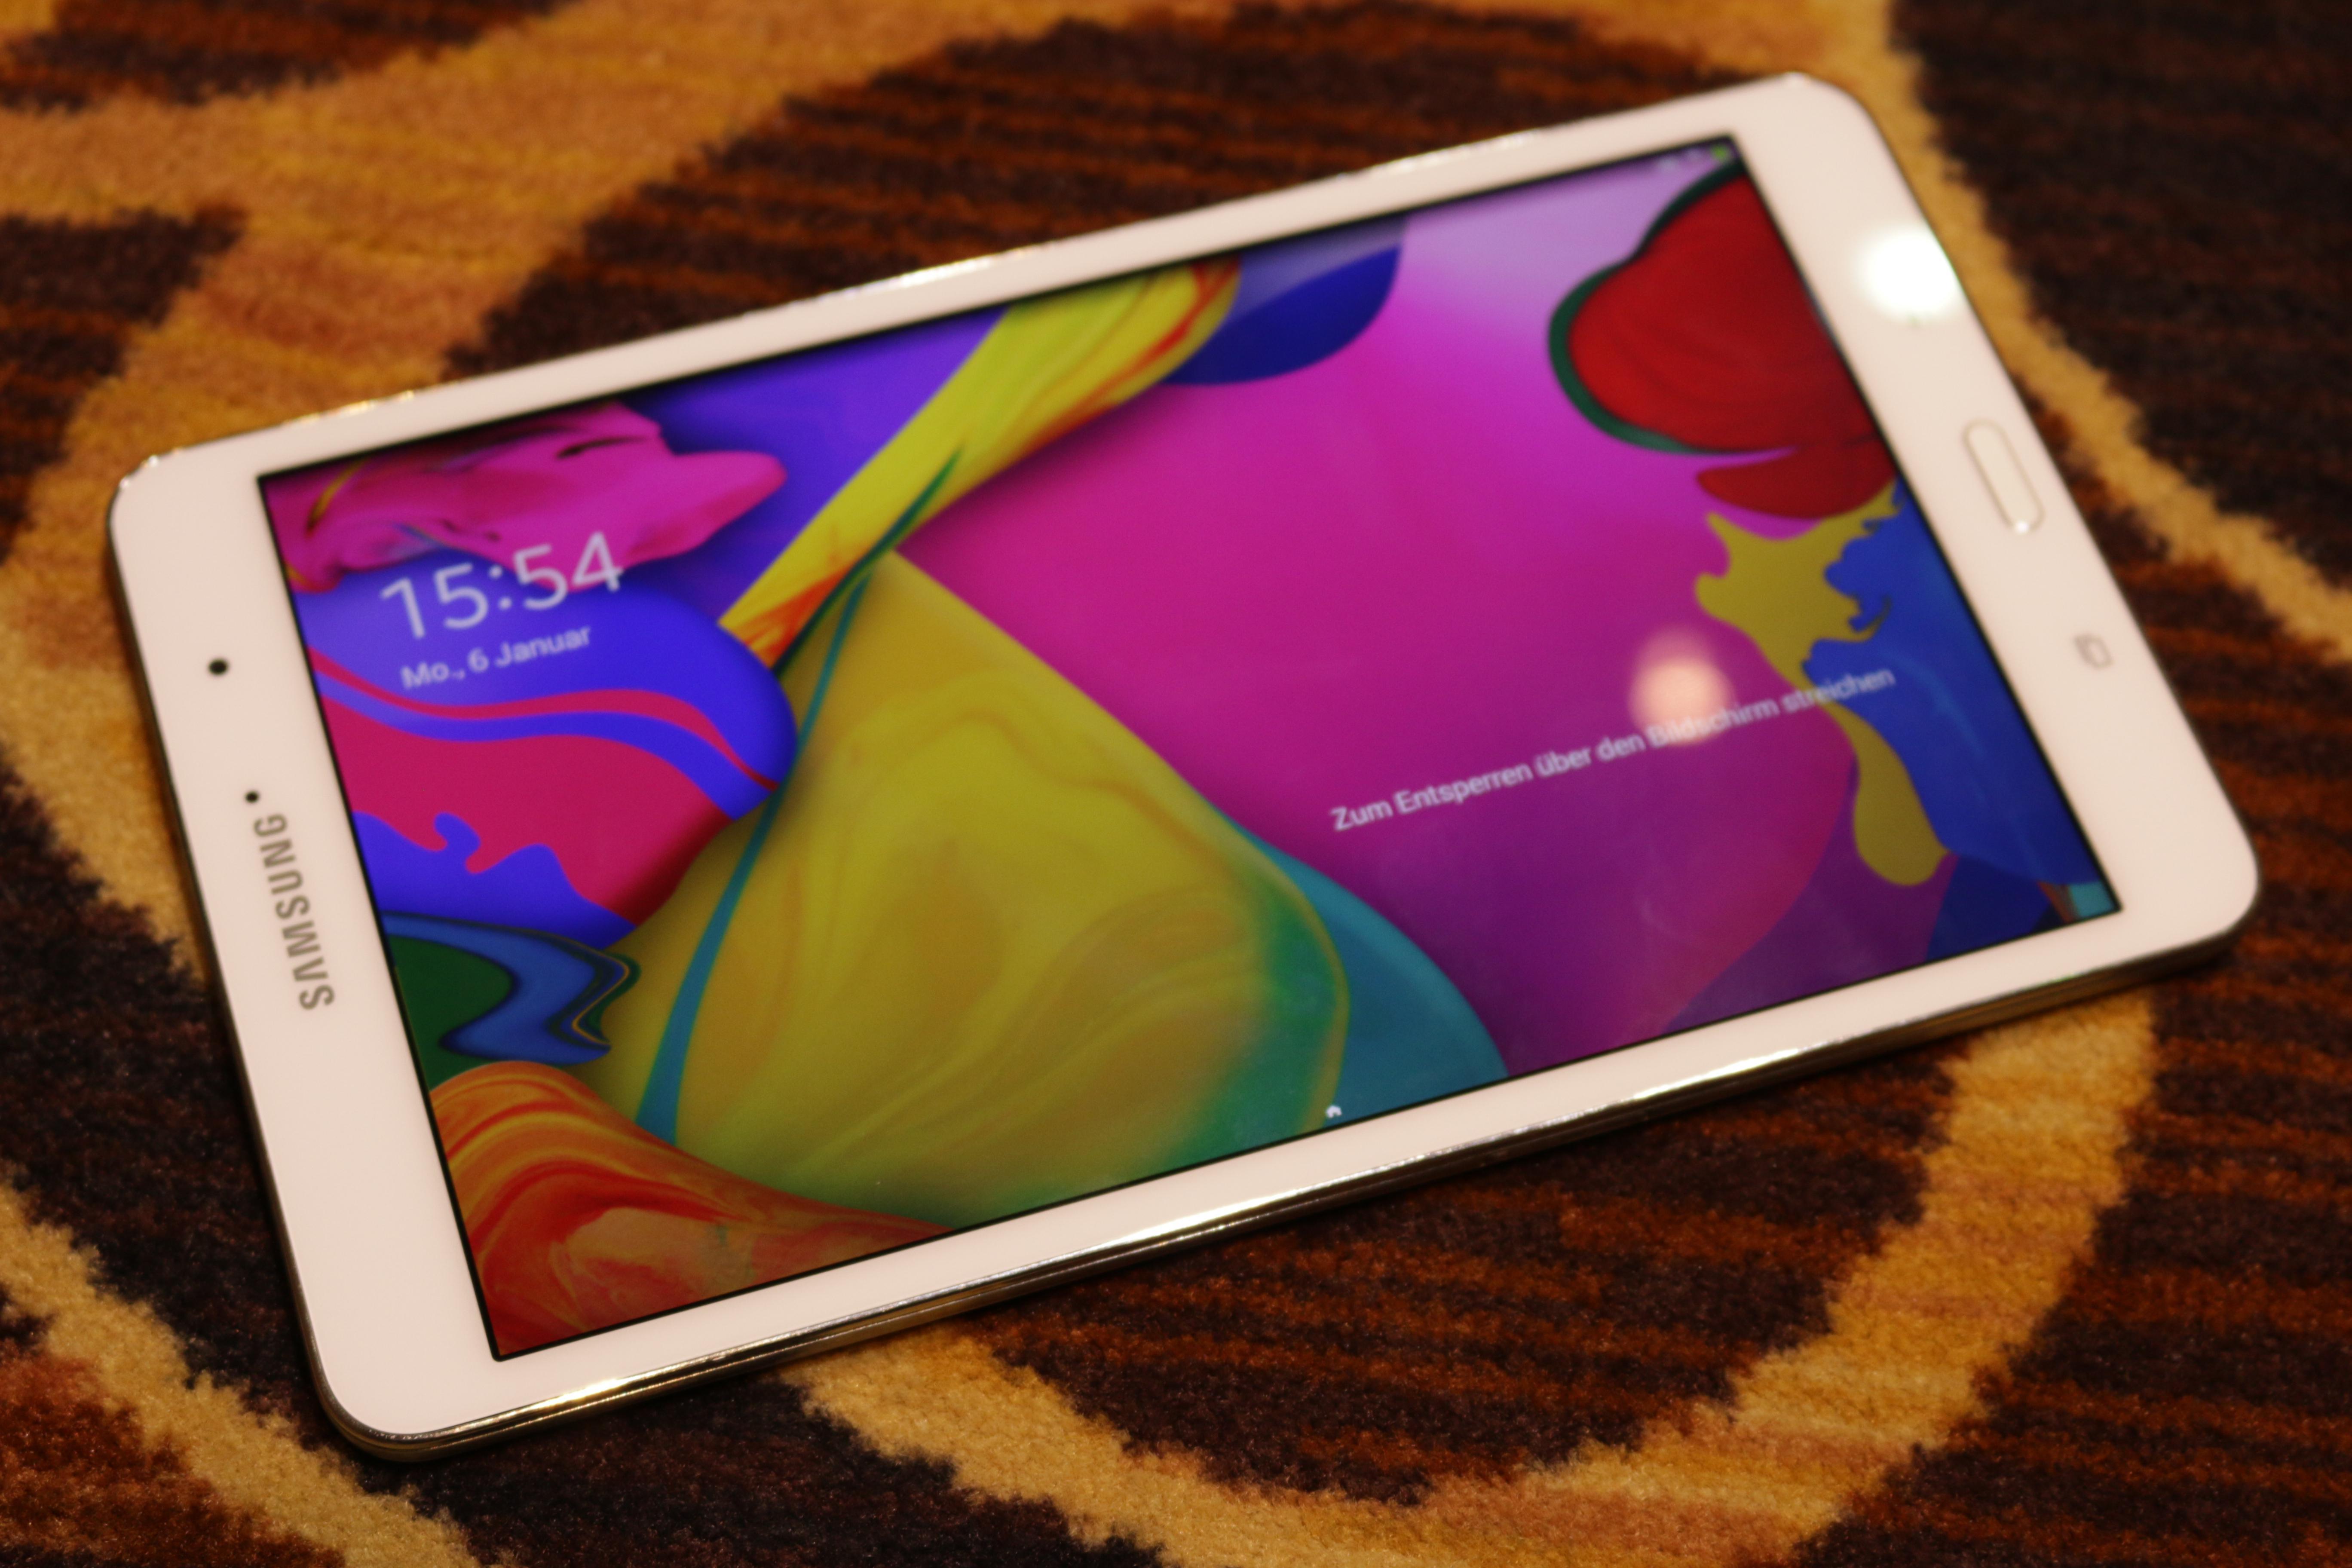 Galaxy S8.4 systém